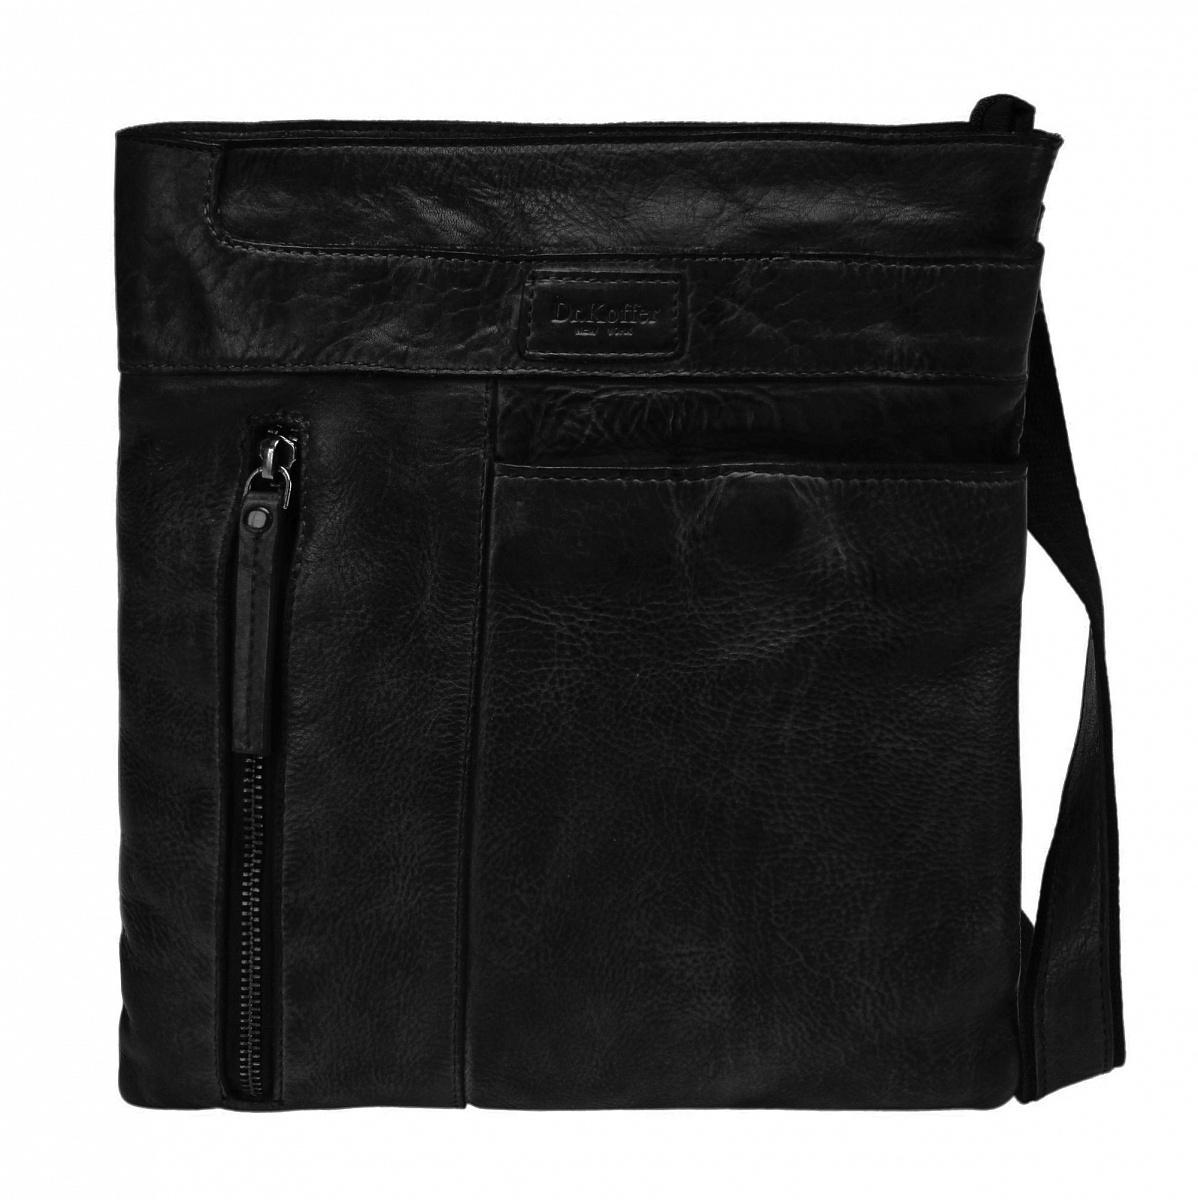 Др. Коффер M402747-249-04 сумка через плечо 26х23х5 см